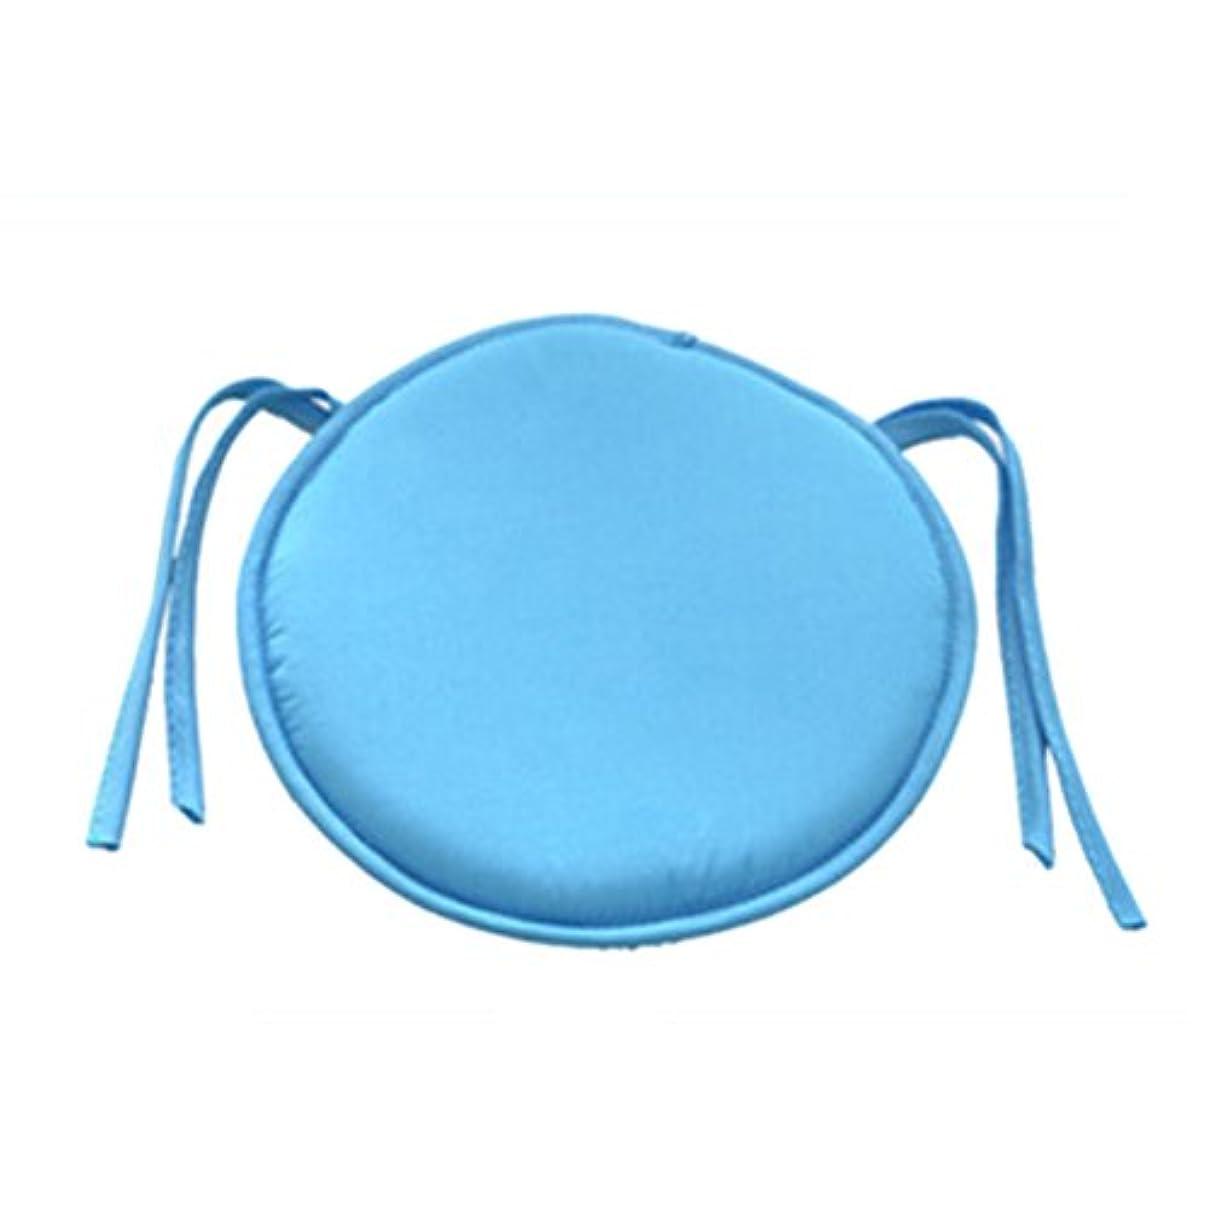 オーク登録するコントロールSMART ホット販売ラウンドチェアクッション屋内ポップパティオオフィスチェアシートパッドネクタイスクエアガーデンキッチンダイニングクッション クッション 椅子